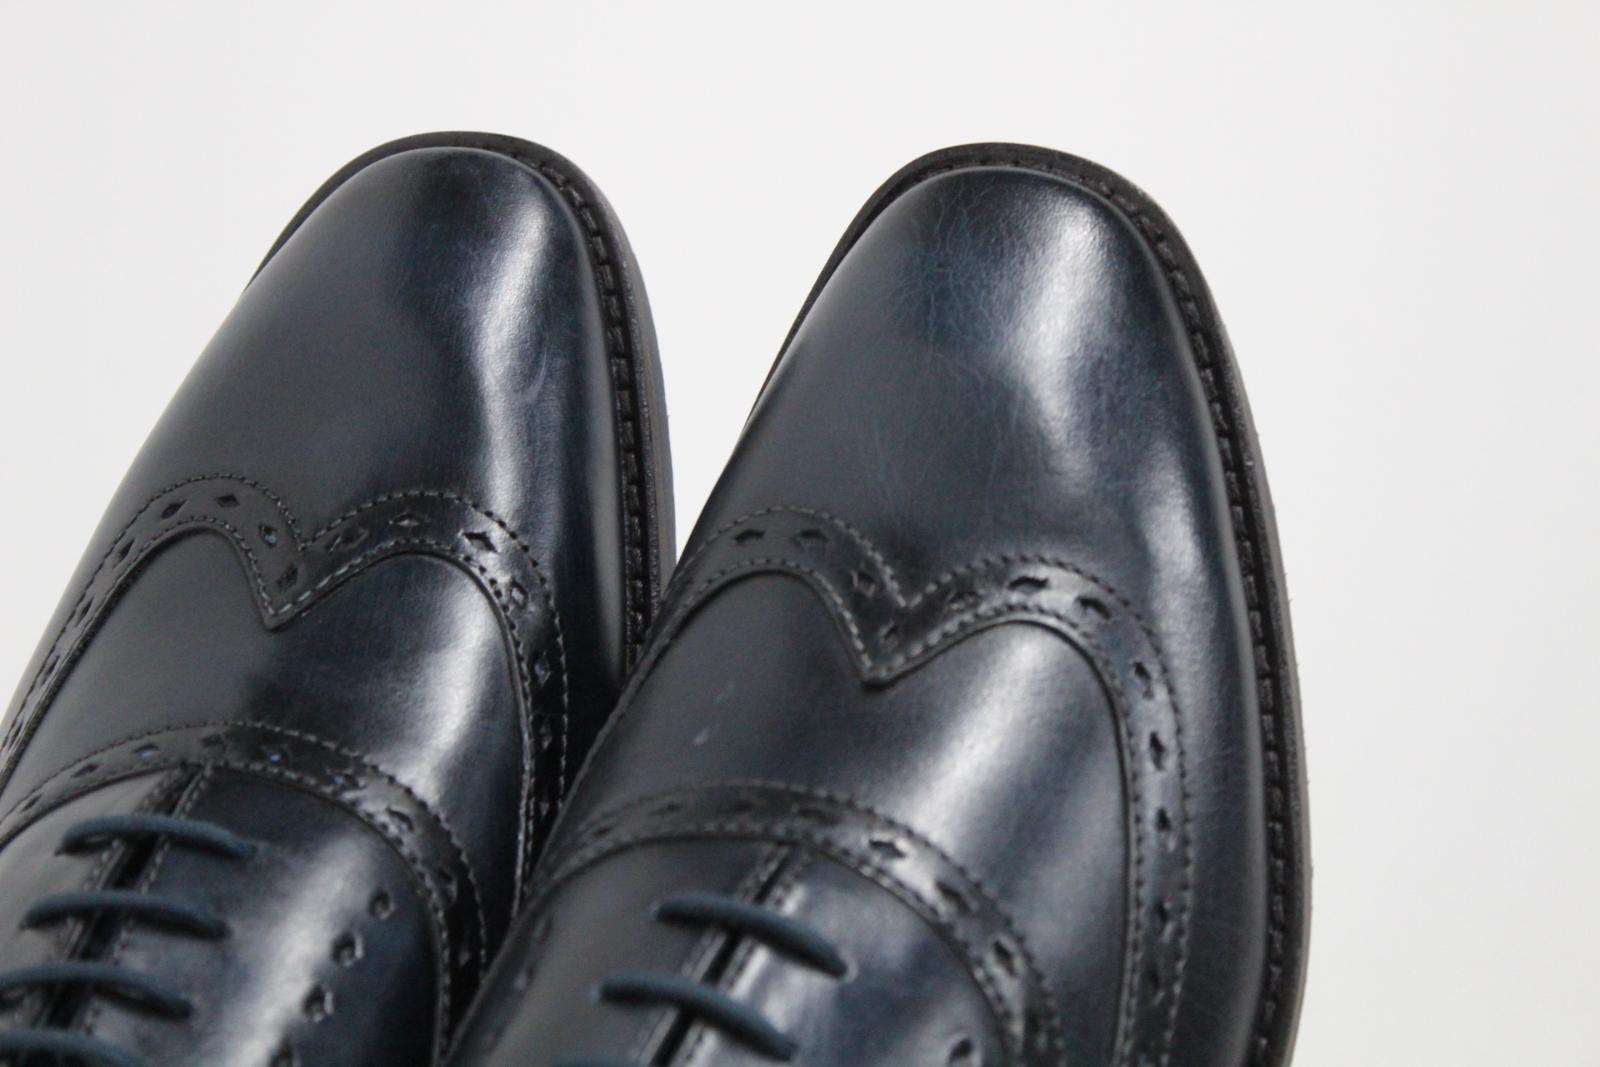 GOODWIN-para-hombre-Azul-Marino-Bowland-SMITH-Cuero-Oxford-Zapatos-UK-7-EU41-Nuevo miniatura 6